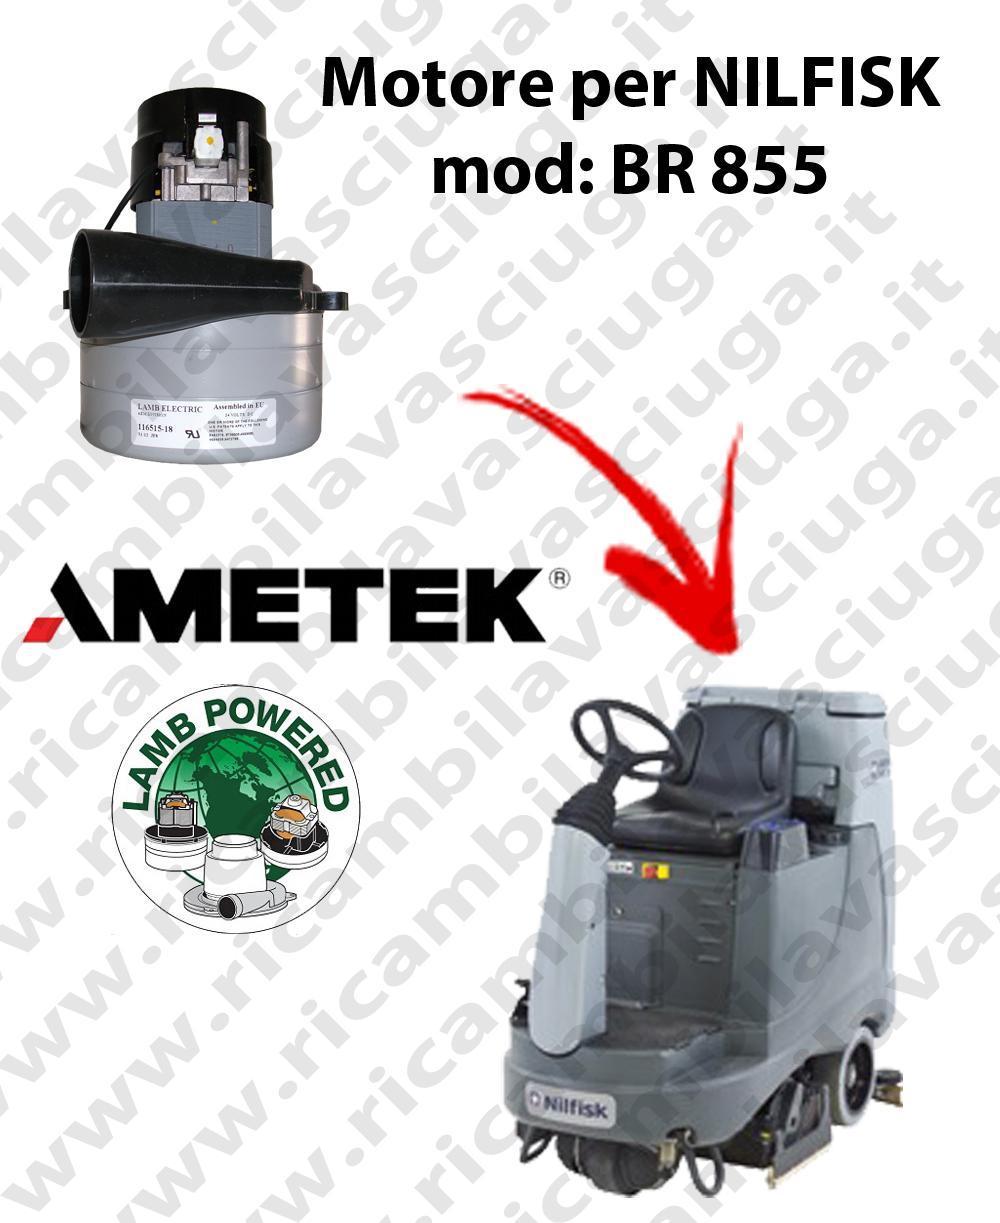 BR 855 MOTEUR ASPIRATION LAMB AMETEK pour autolaveuses NILFISK